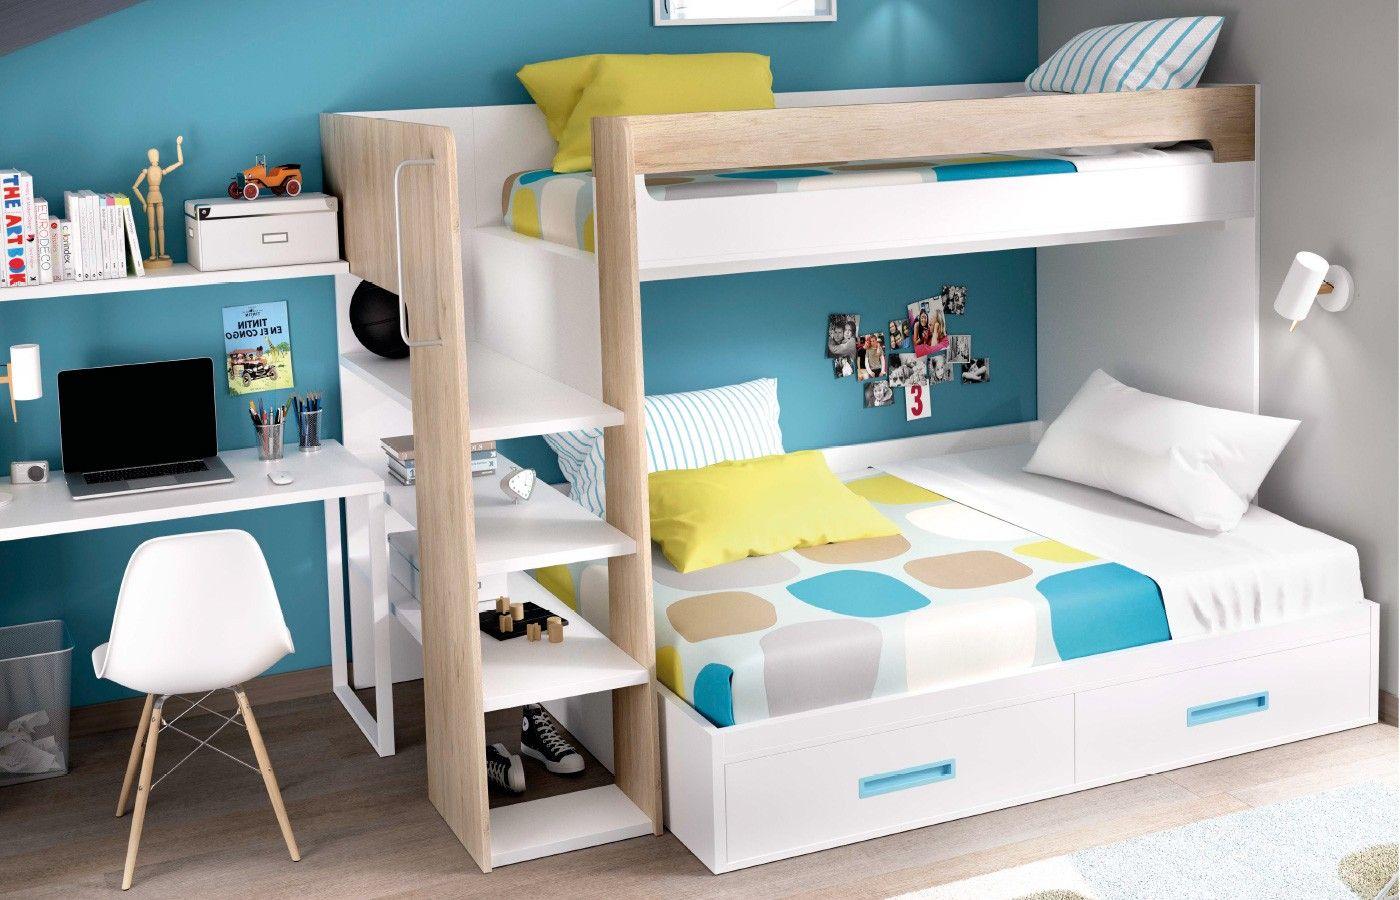 Litera mael dismobel kids casas casas peque as y casa sencillas - Literas para habitaciones pequenas ...